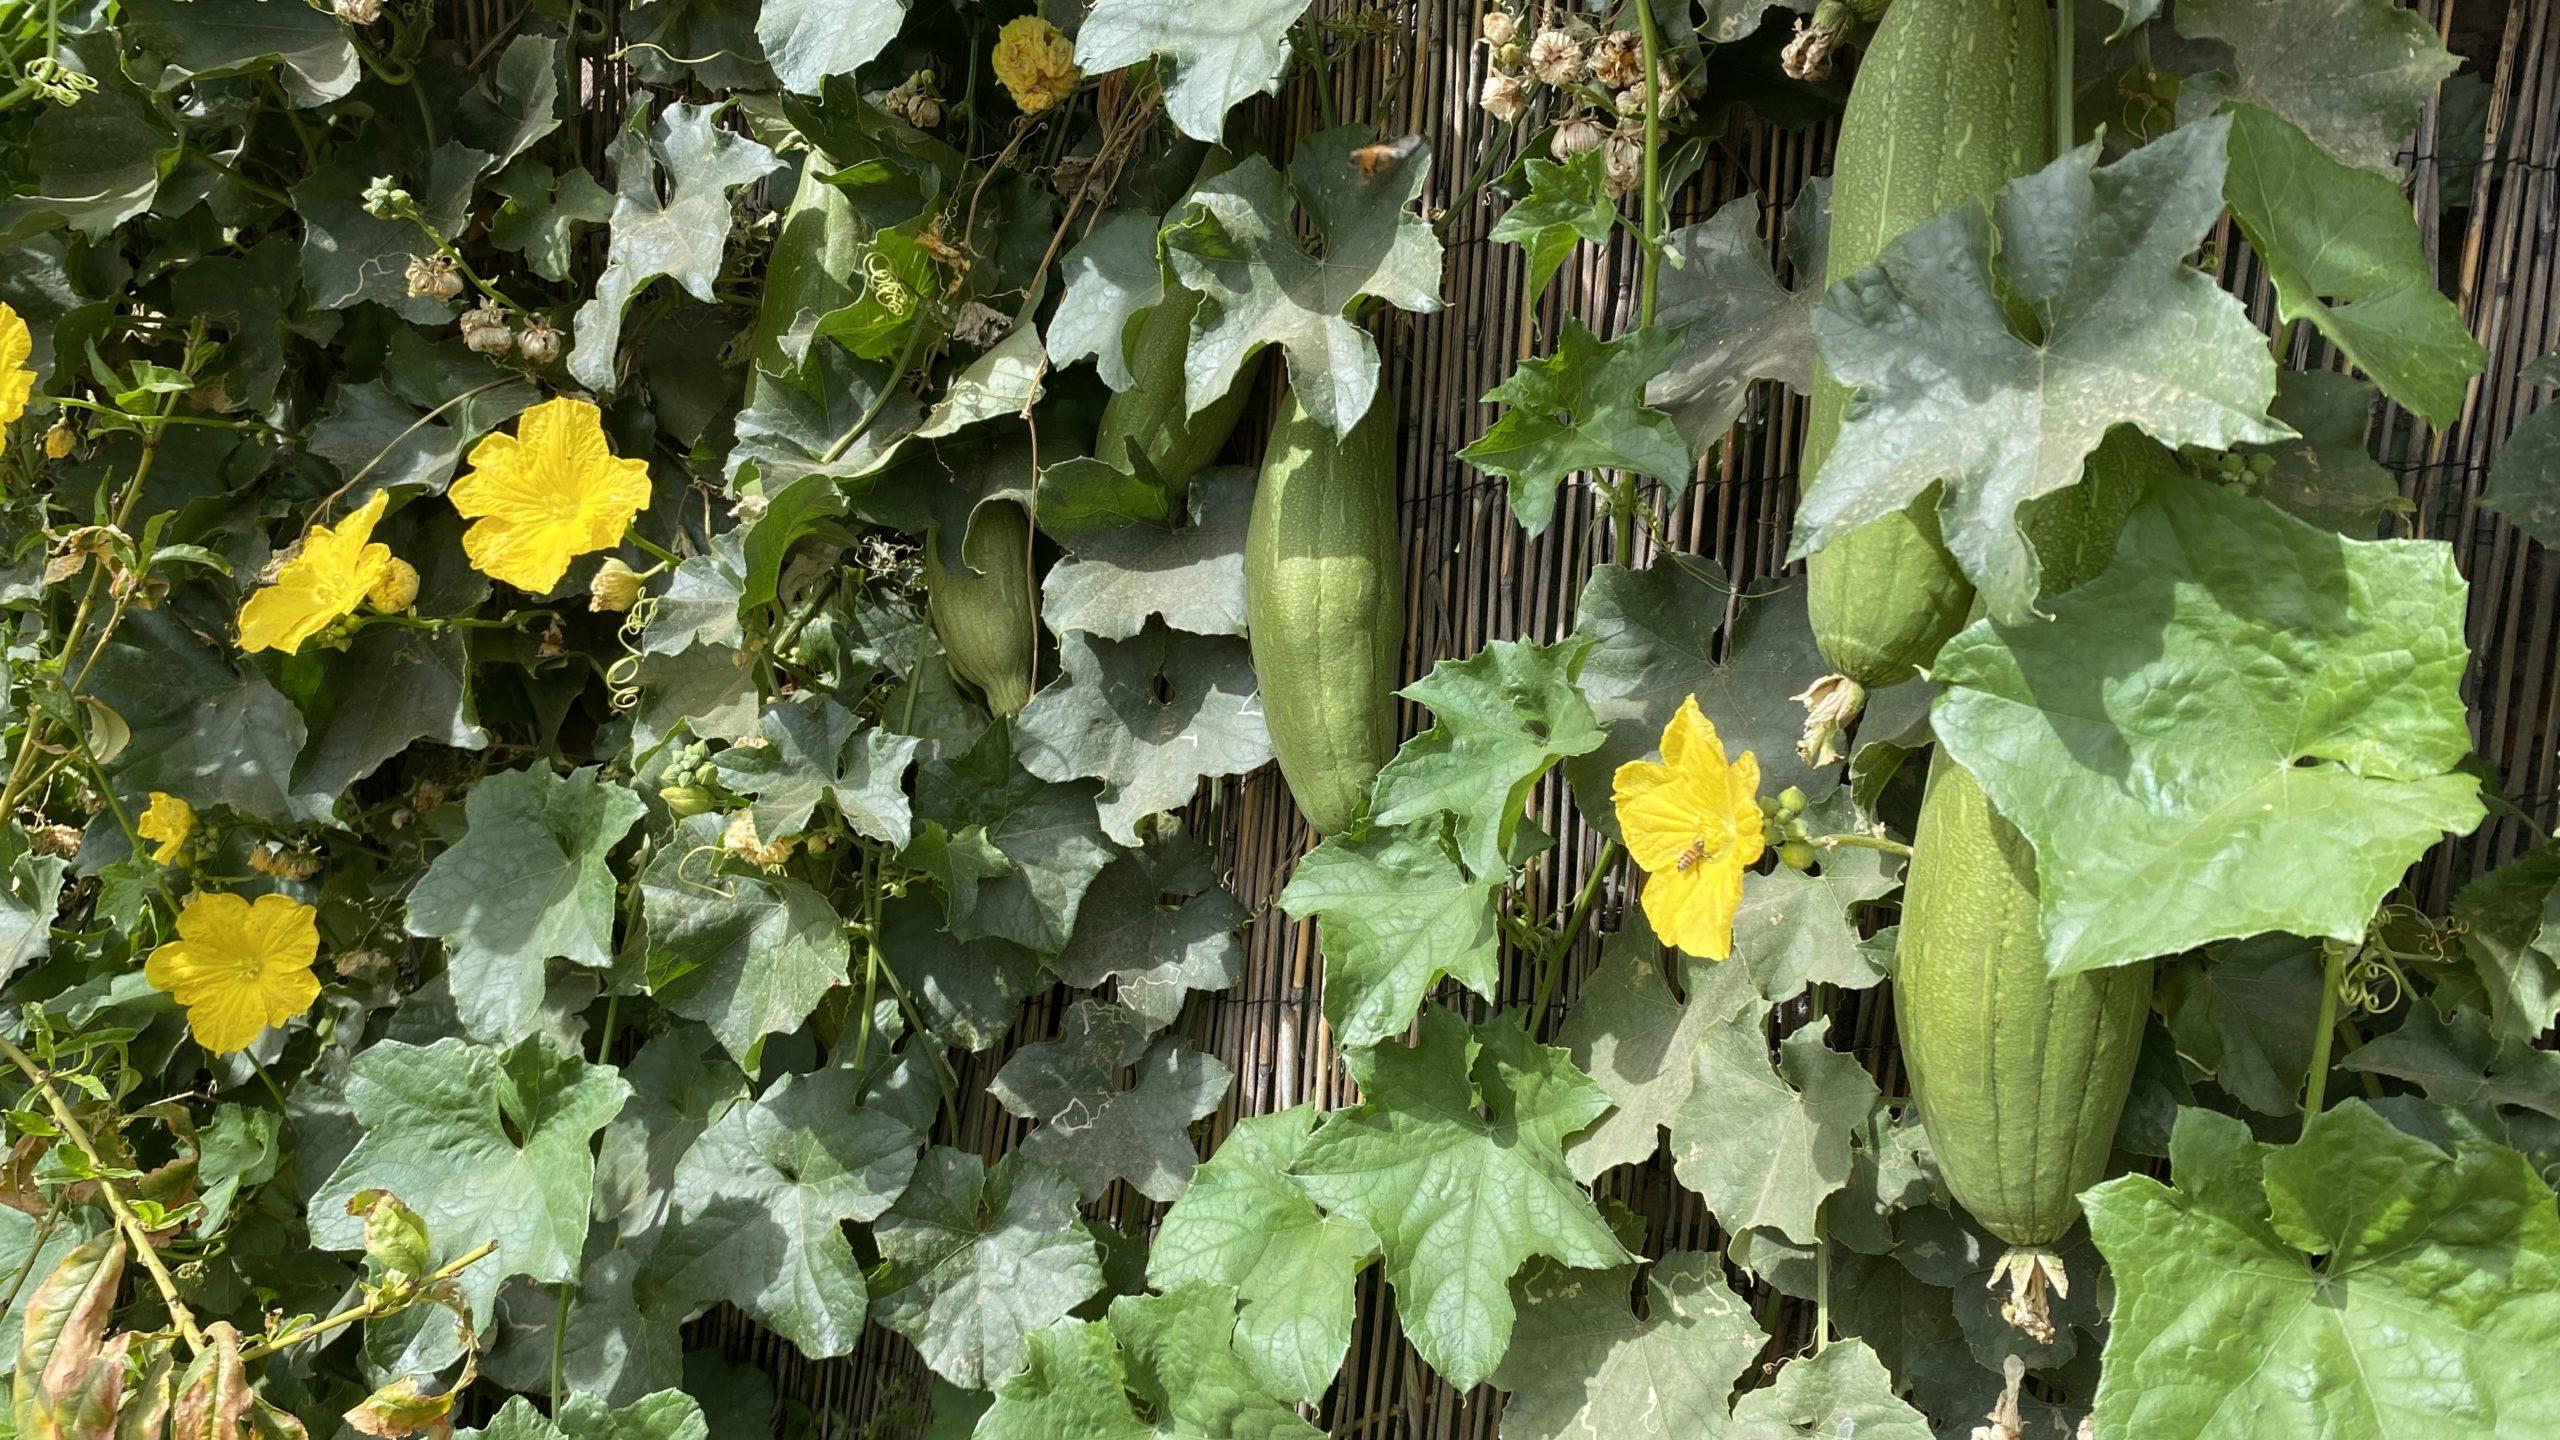 clark-park-community-garden's